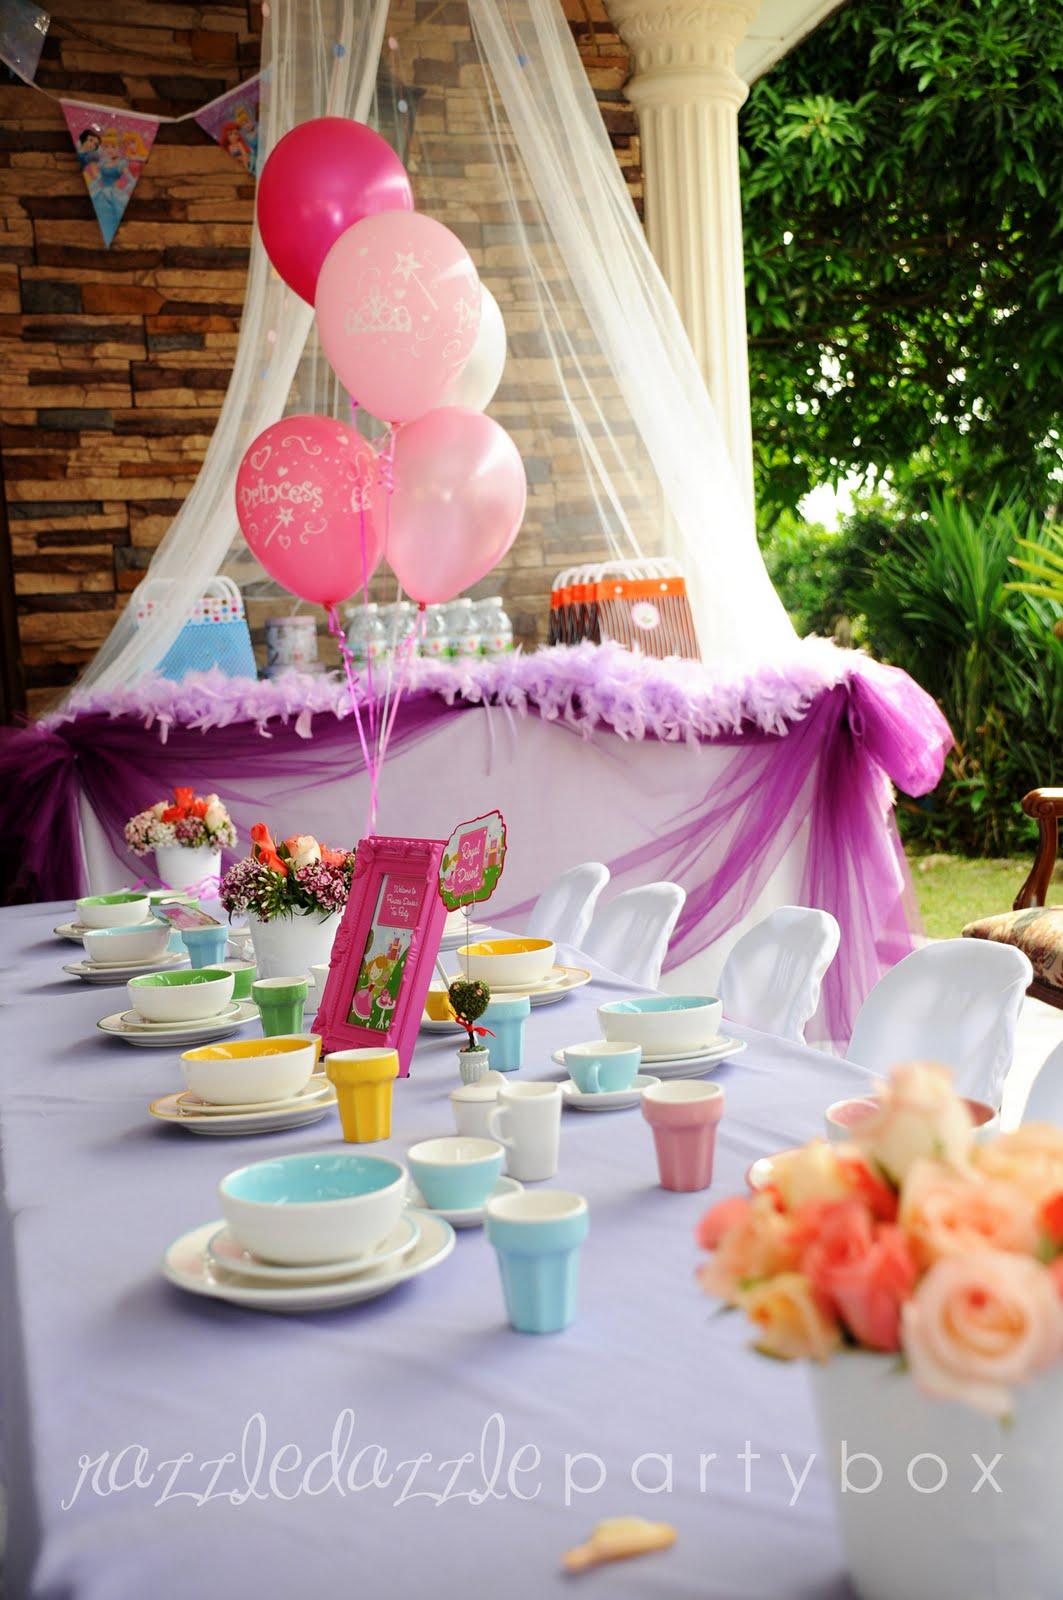 razzle dazzle party box theme birthday party princess tea party